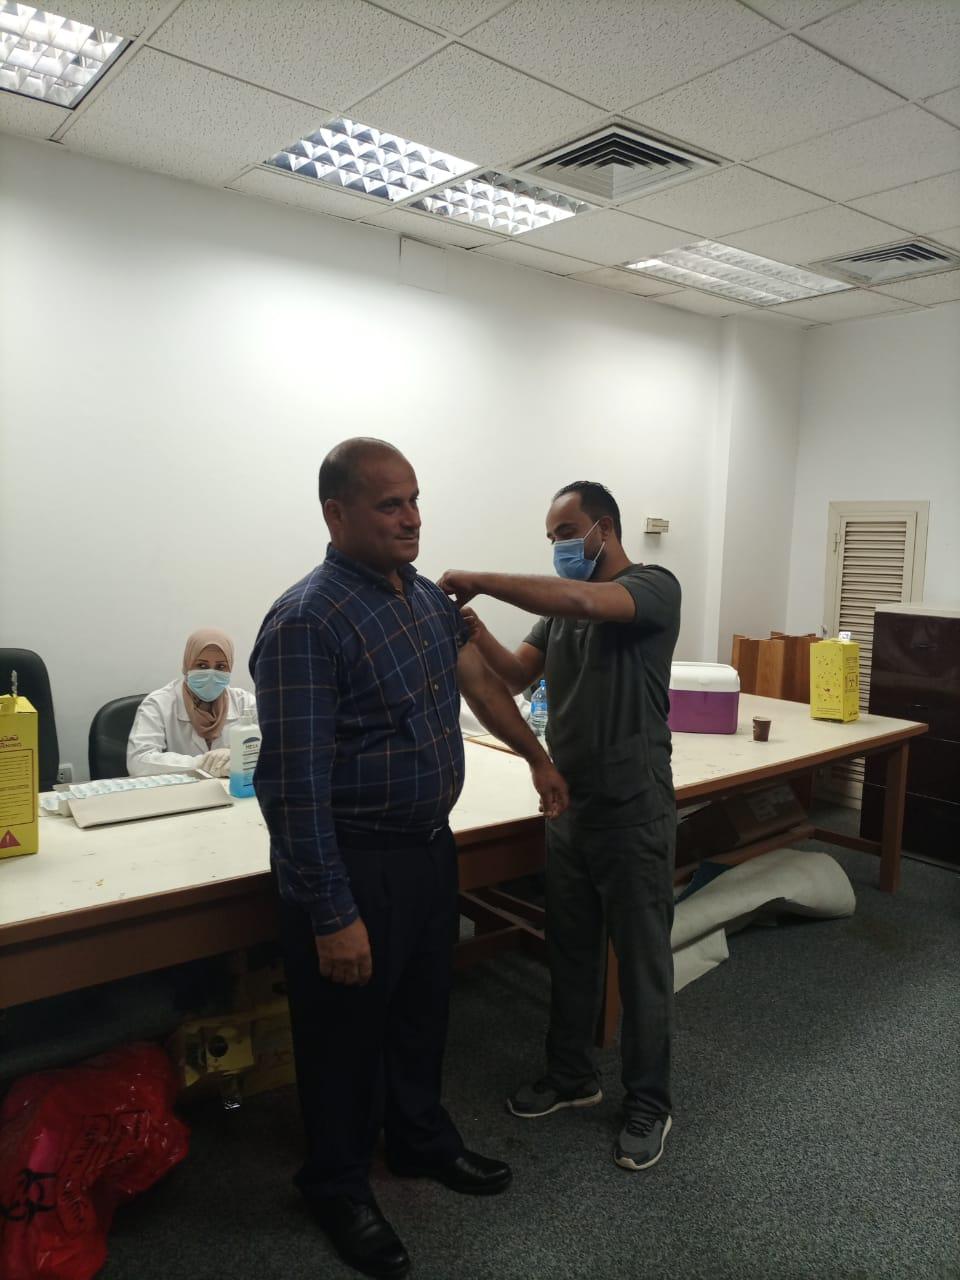 جامعة حلوان: استمرار تطعيم أعضاء هيئة التدريس والعاملين والطلاب ضد فيروس كورونا